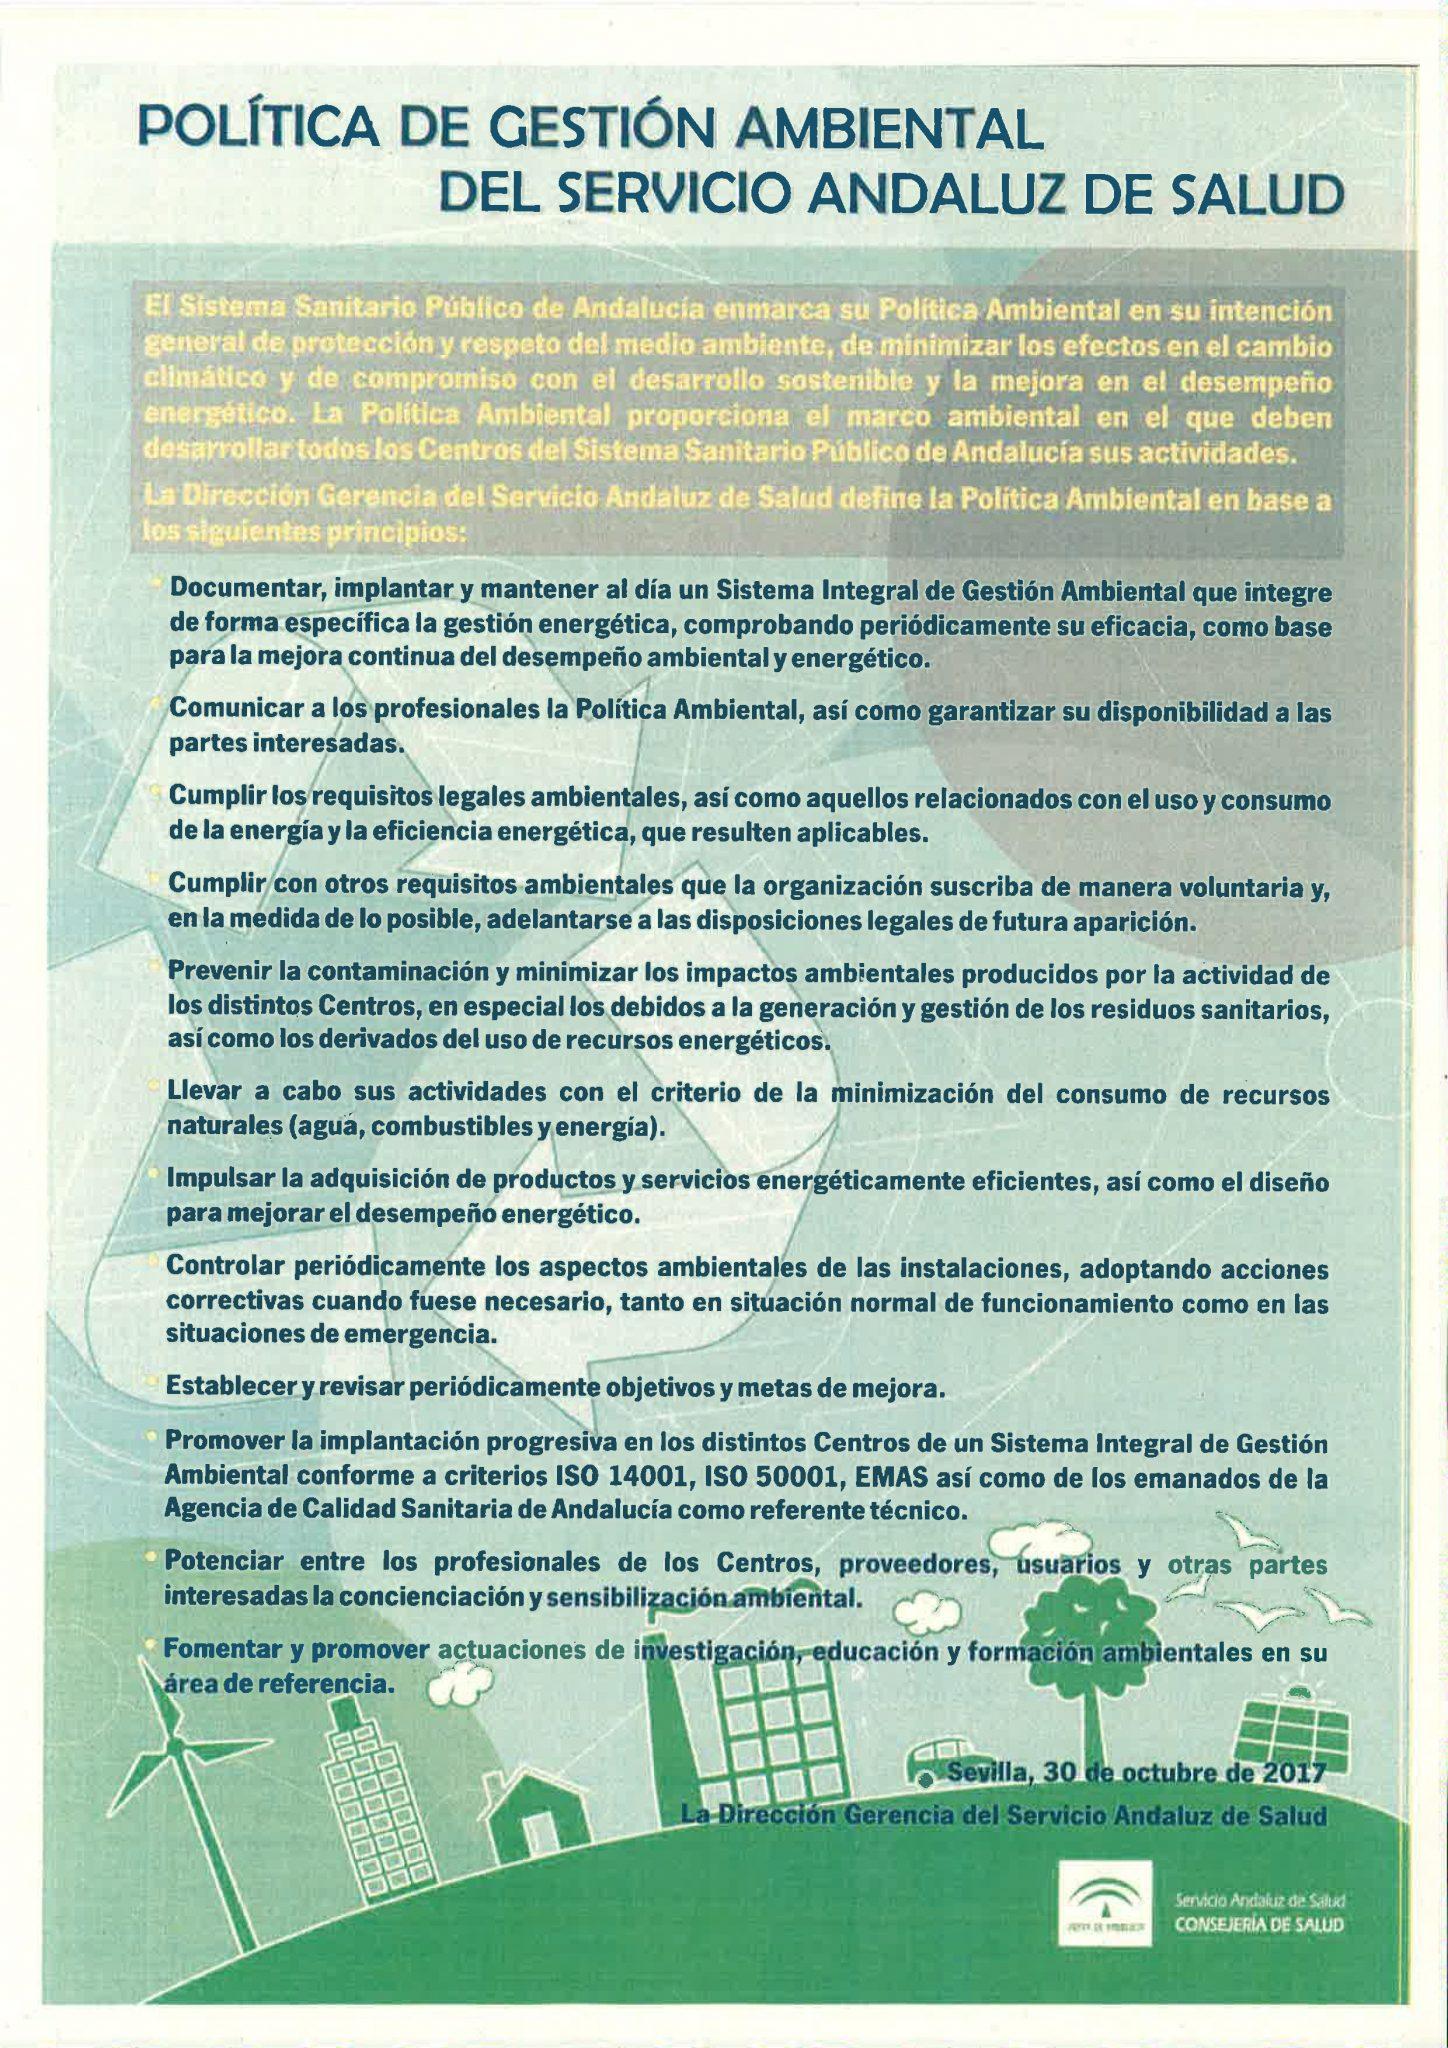 POLITICA DE GESTION AMBIENTAL SERVICIO ANDALUZ DE SALUD